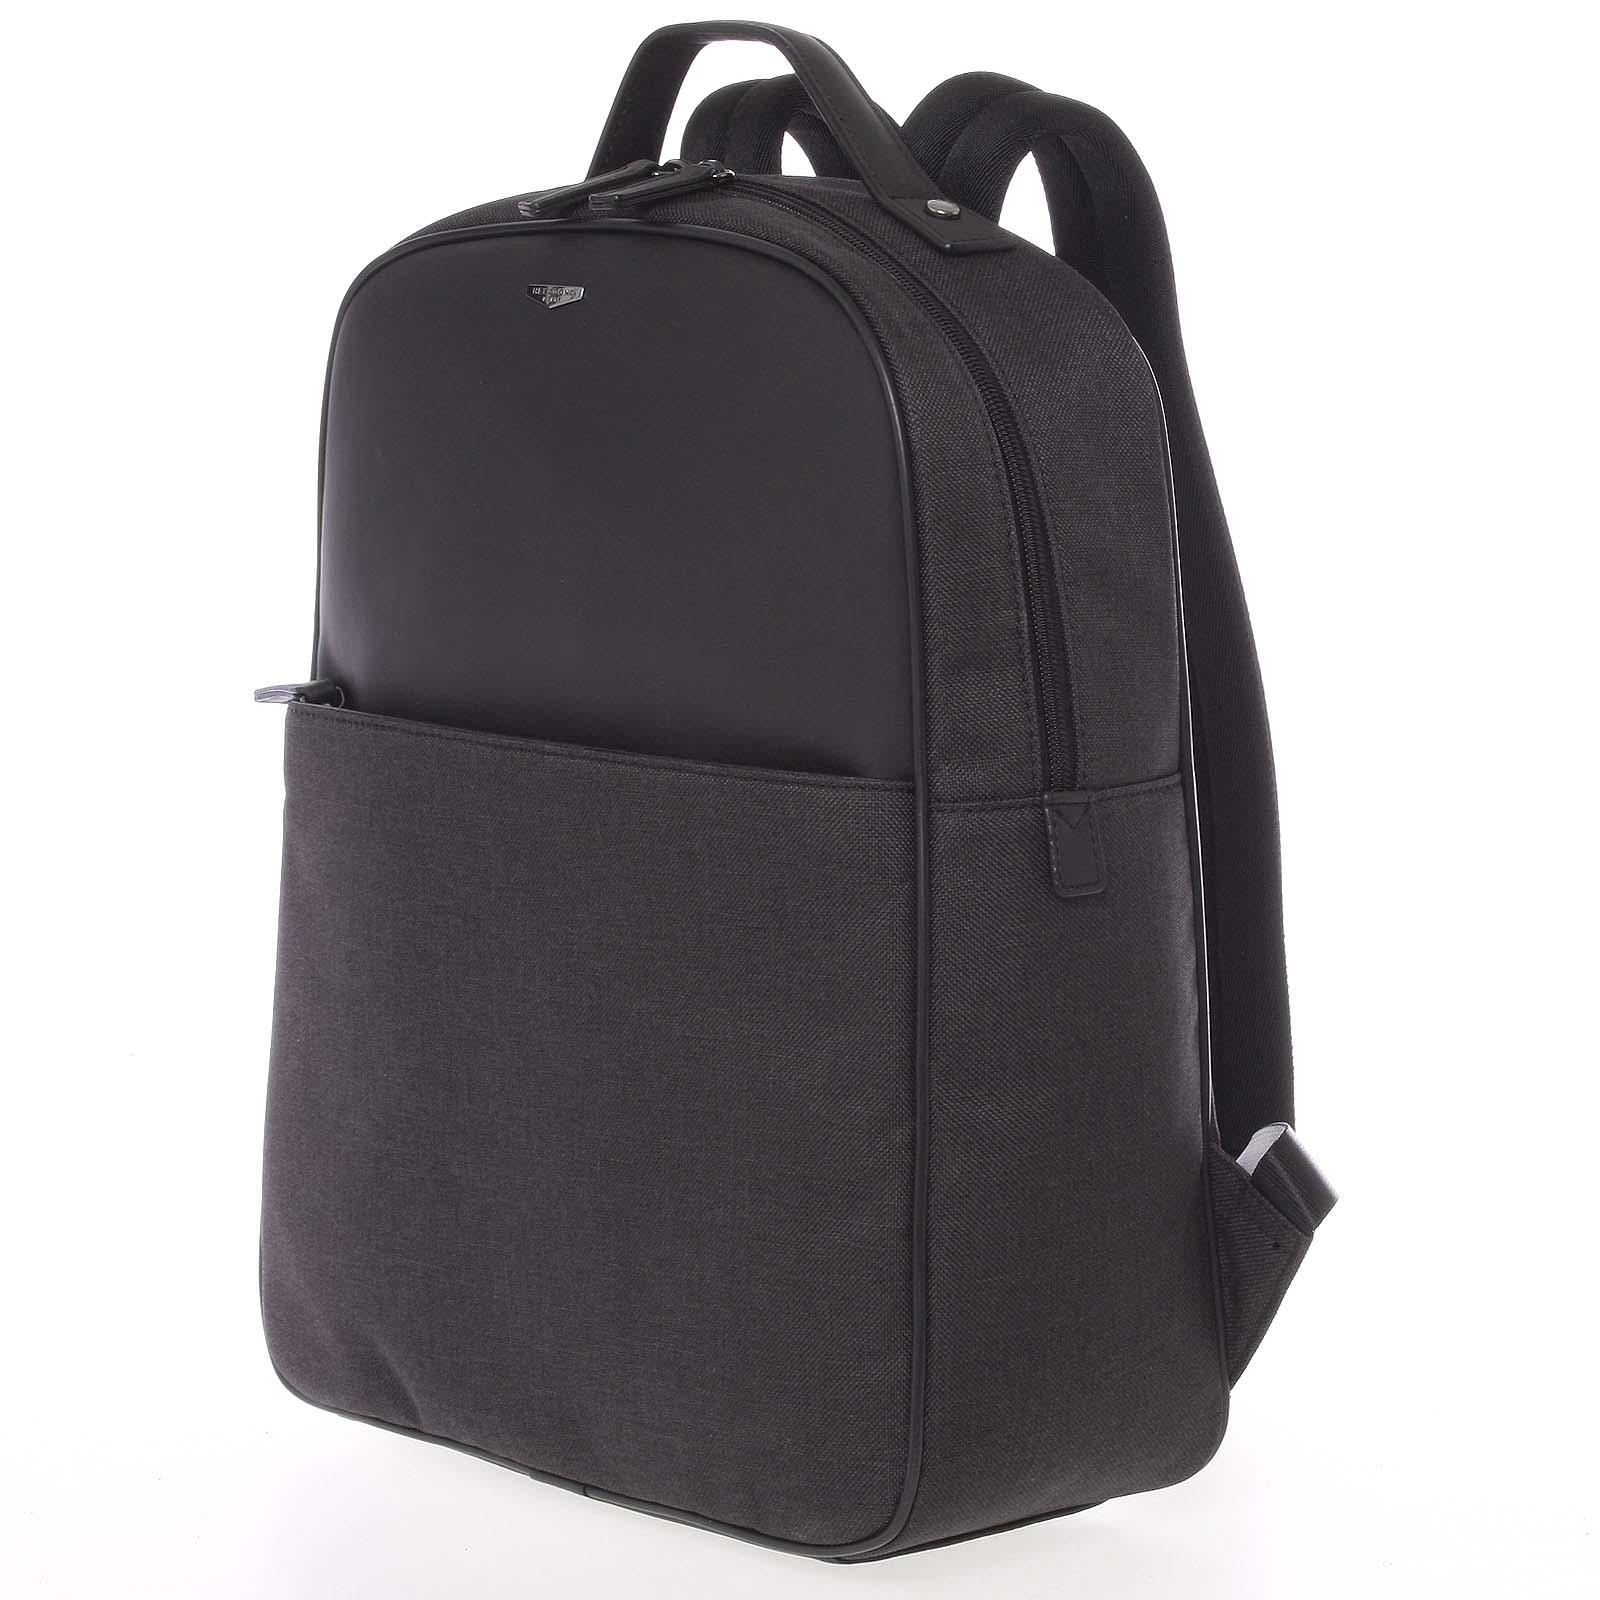 Luxusní polokožený šedo-černý batoh - Hexagona Galantis